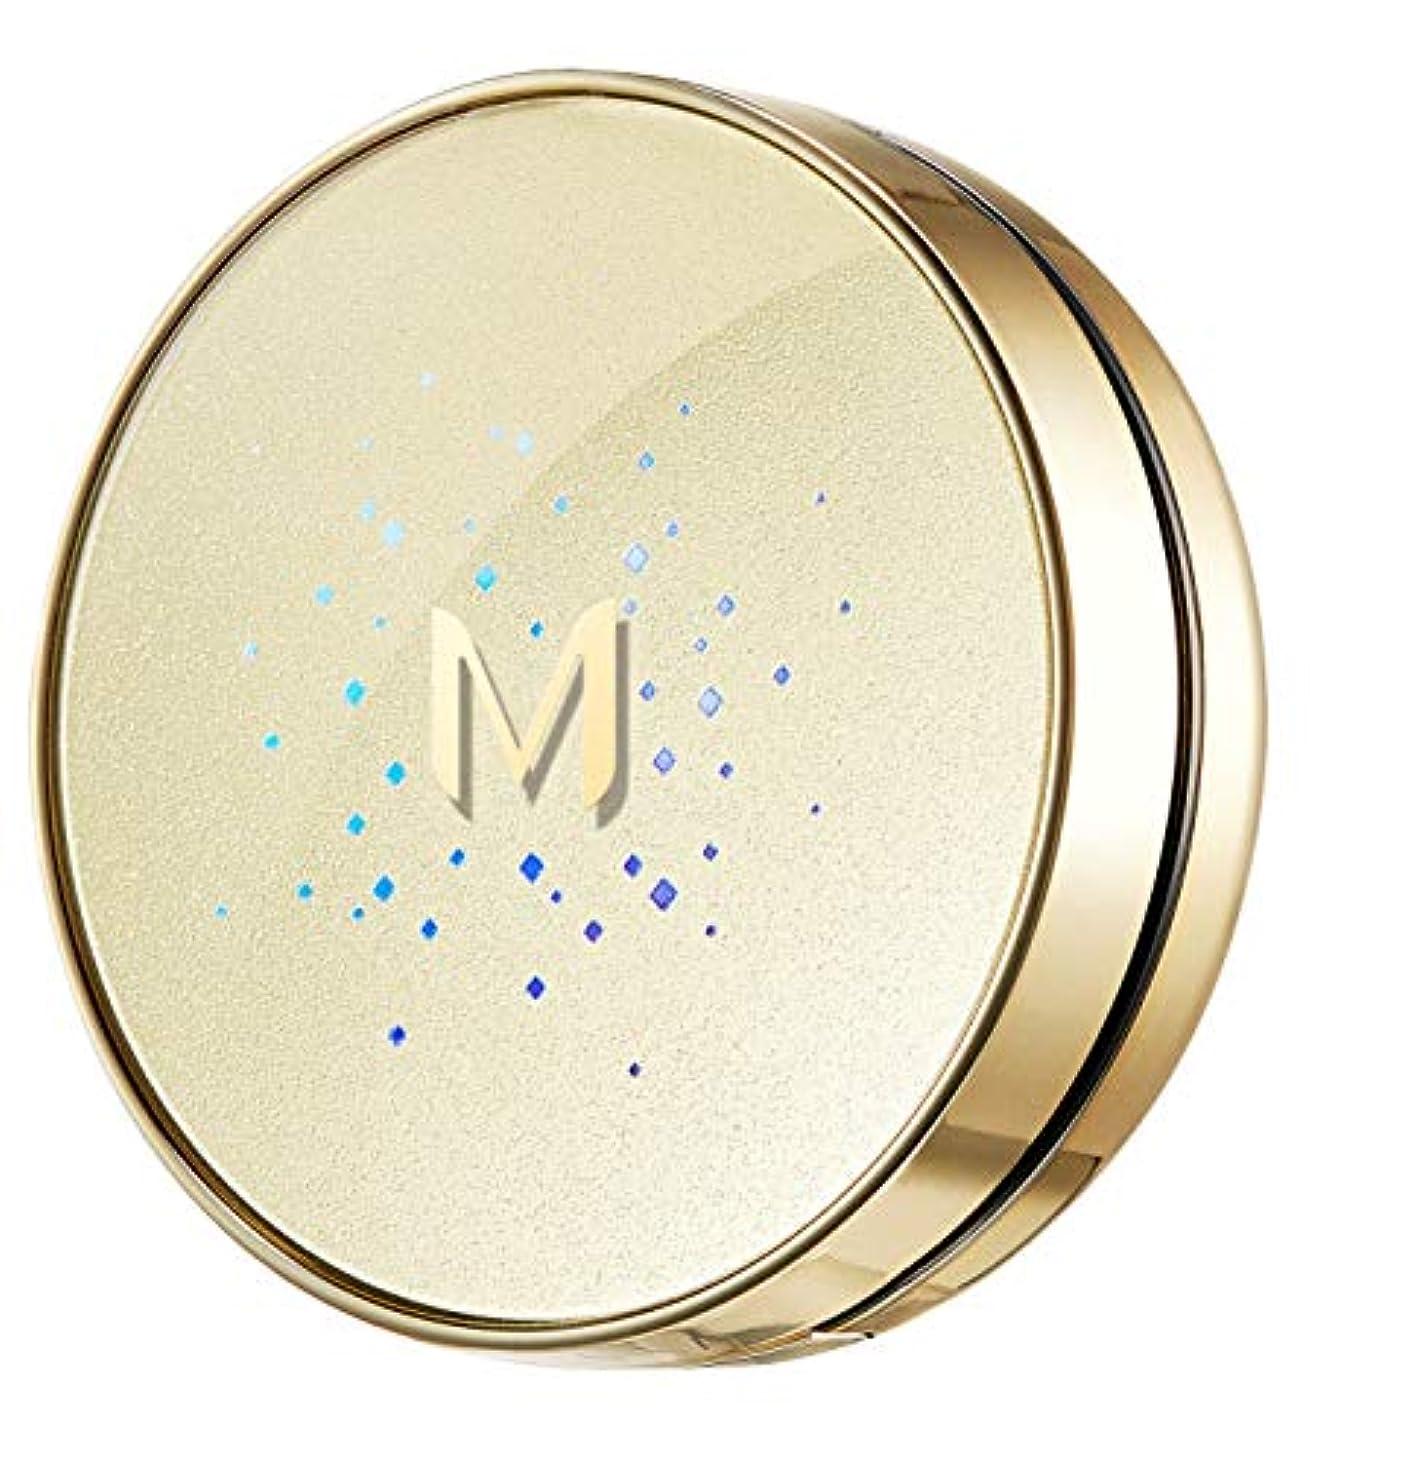 発疹はぁウッズ【ミシャ.missha】Mゴールドクッション#21(14G)SPF50+/ PA+++ GOLD CUSHIONシワ改善。美白紫外線遮断の機能性化粧品